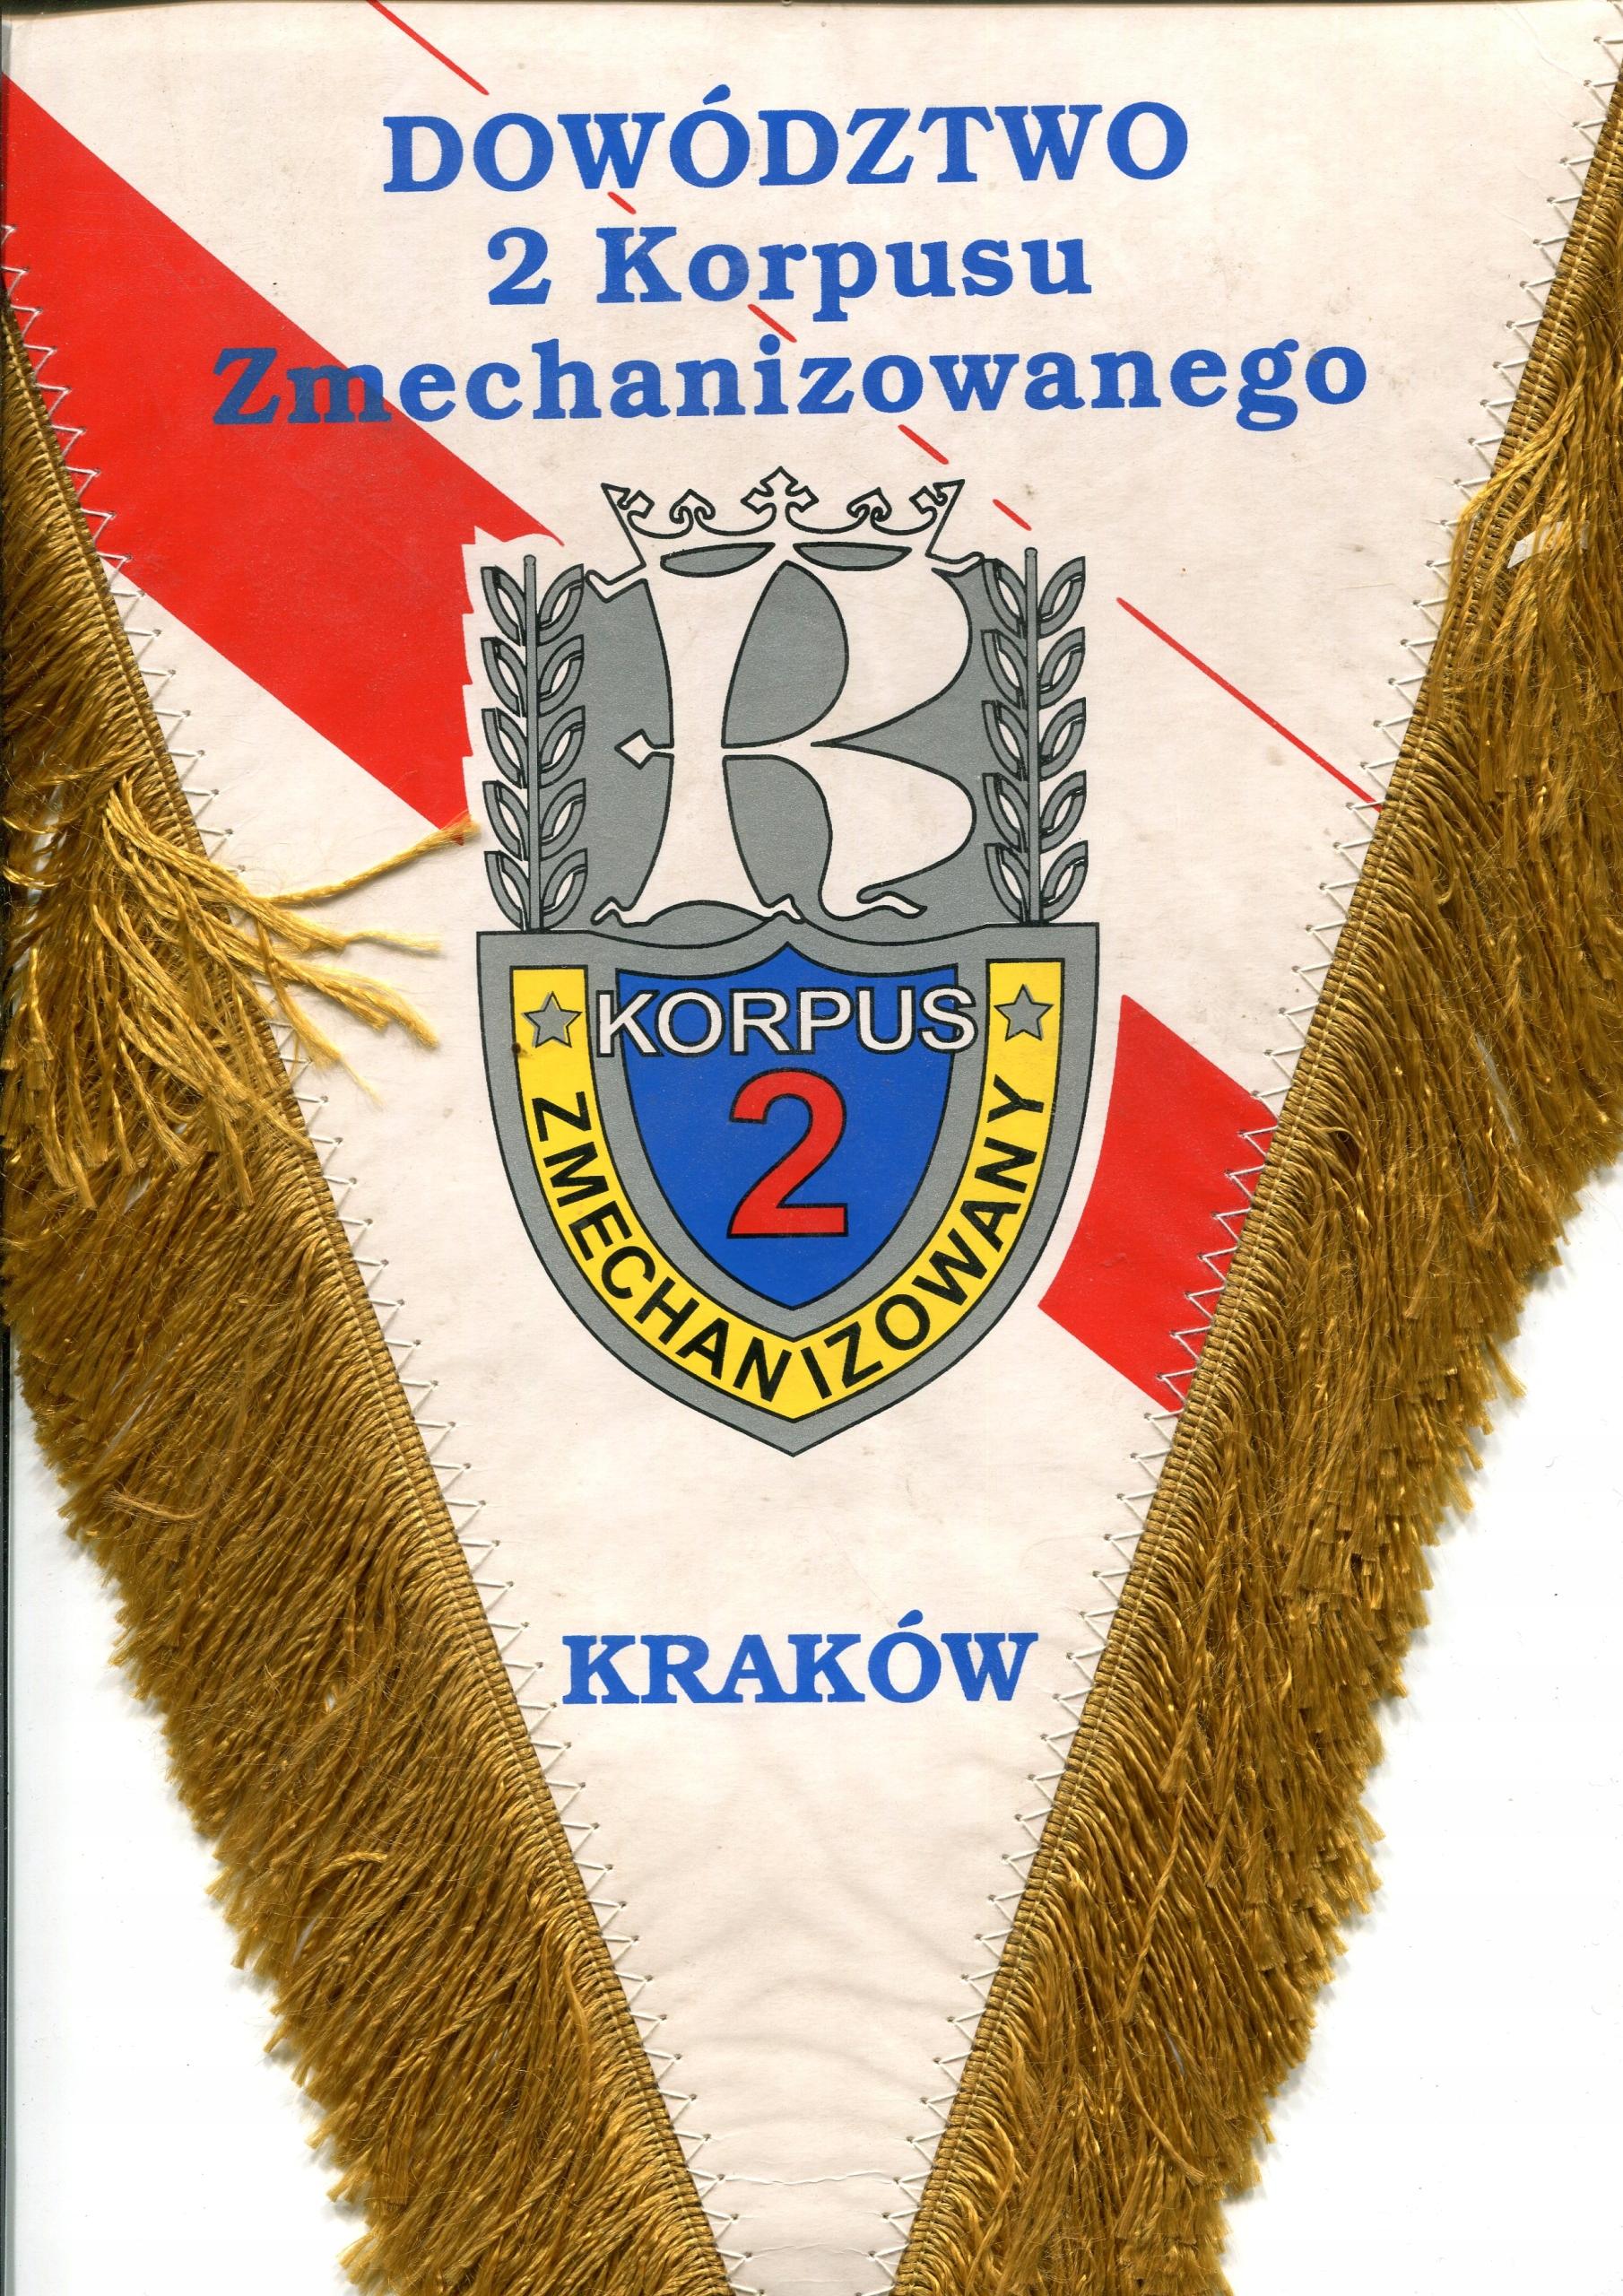 К - Командование 2-го мехкорпуса 23х33 см